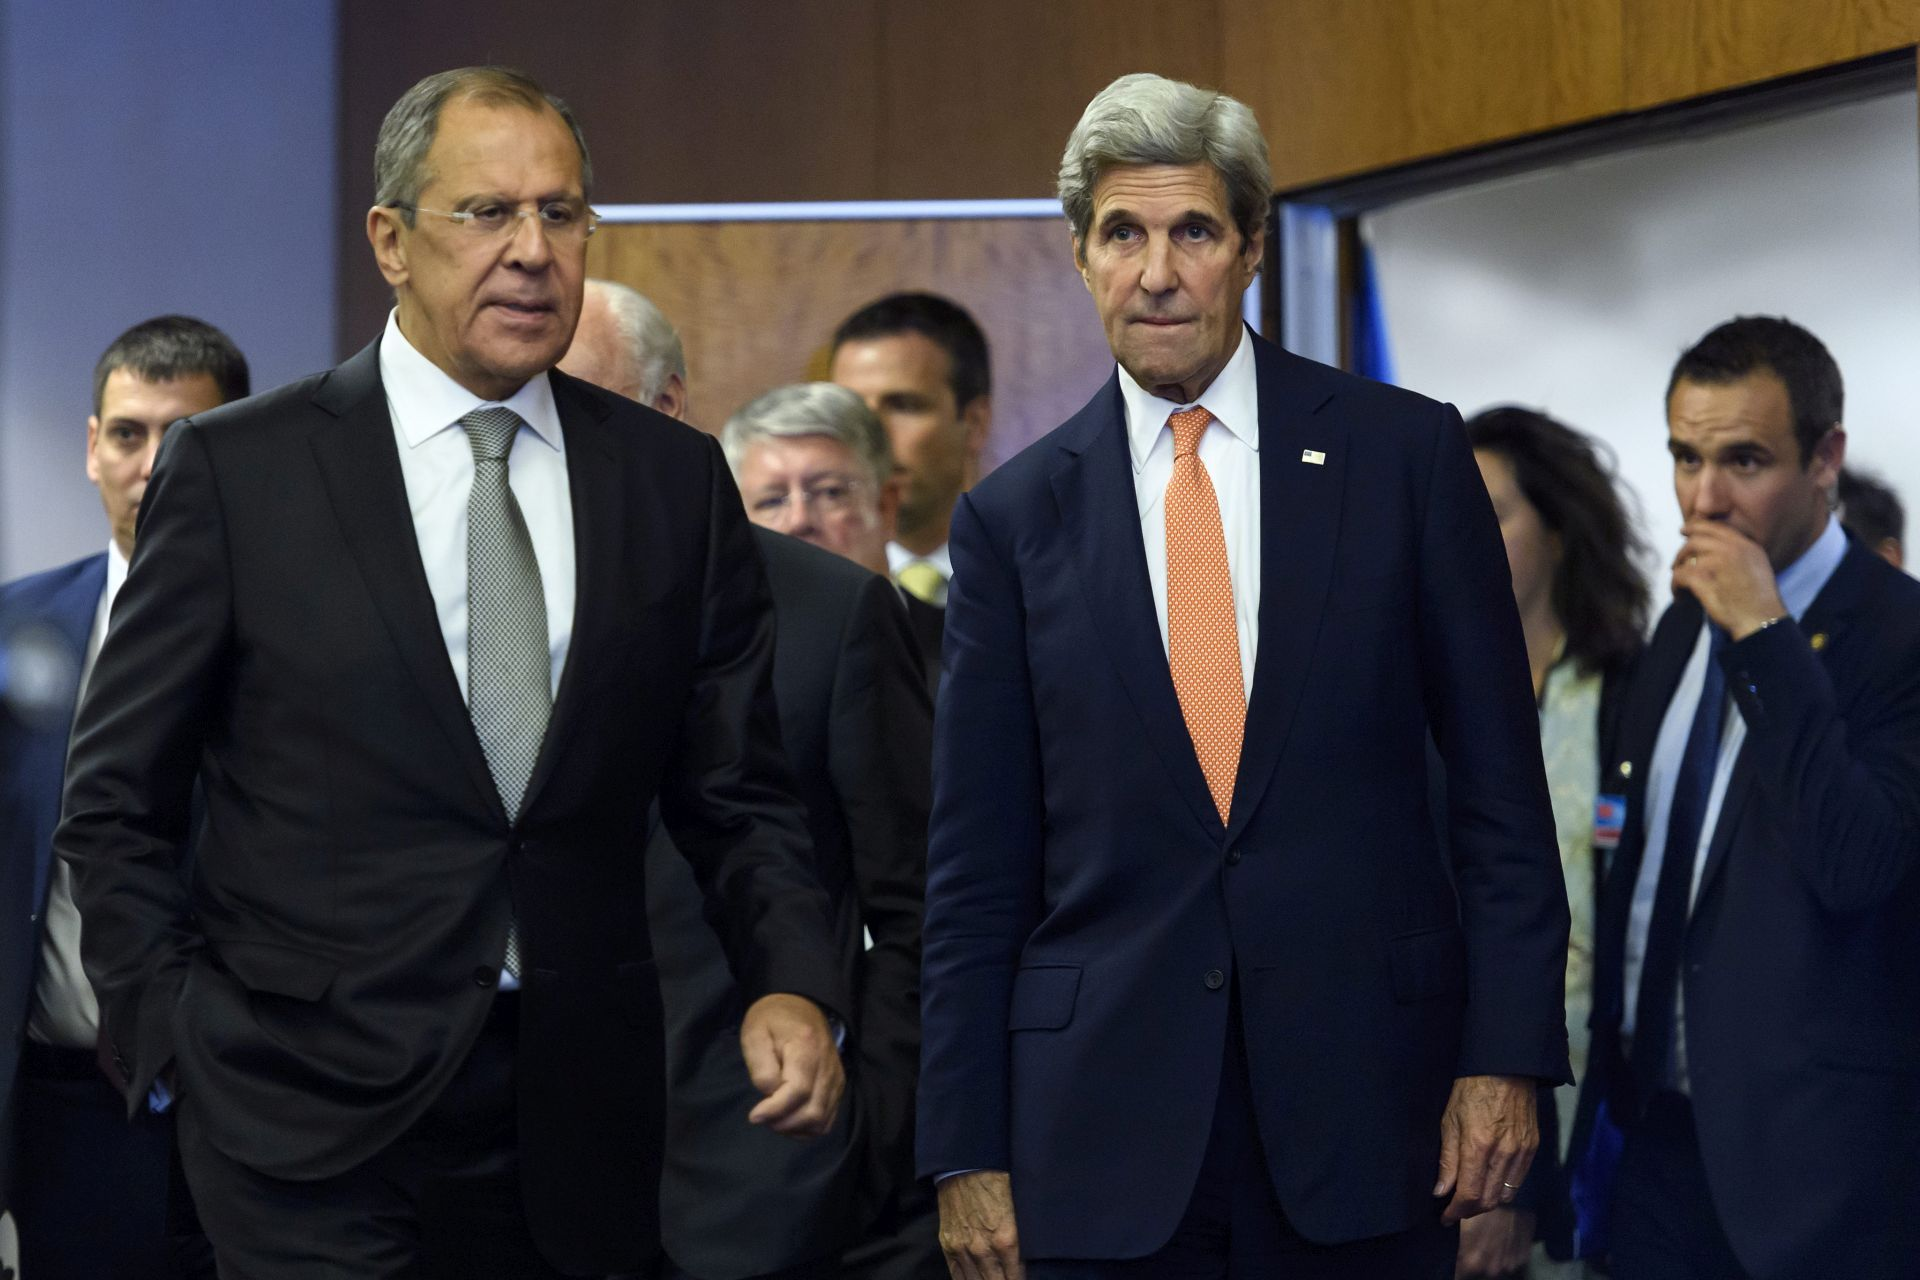 SUKOBI JAČAJU: Rusija i SAD žele produljiti primirje u Siriji